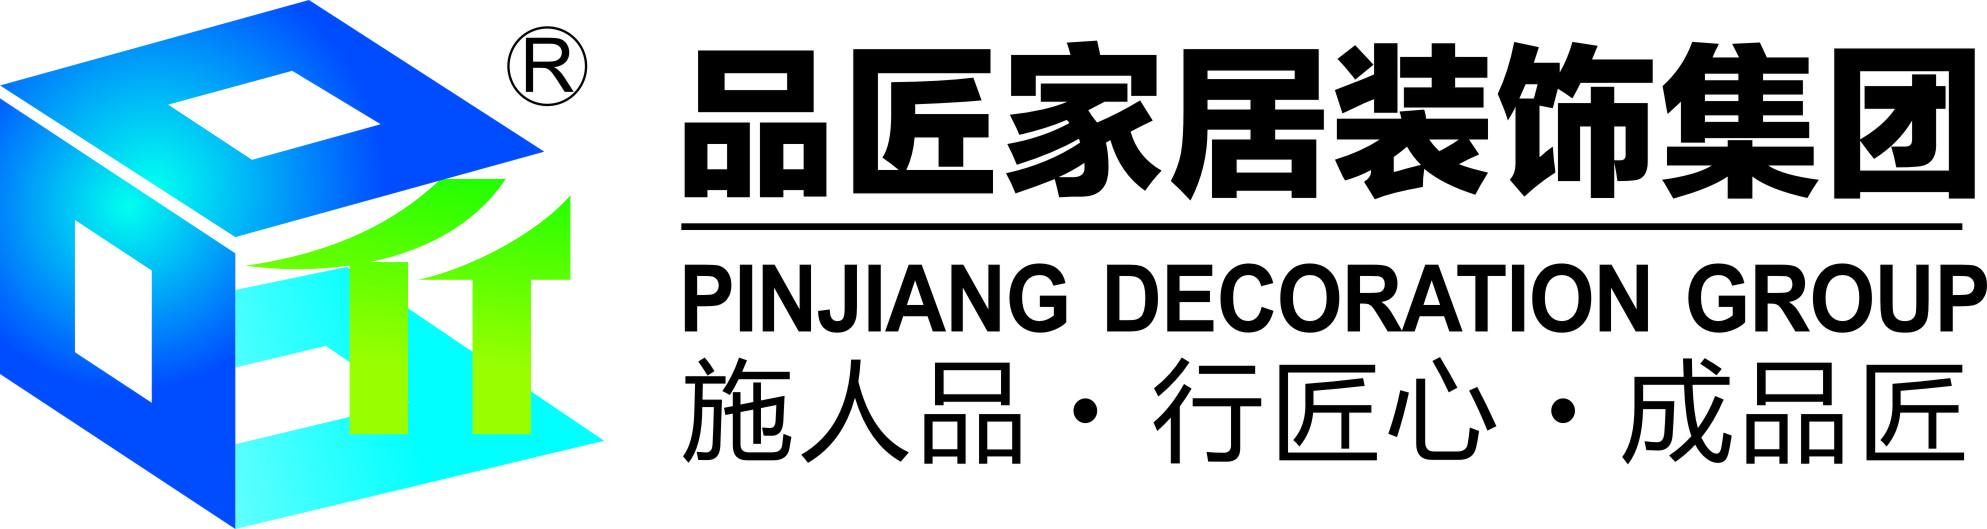 柳州品匠家居装饰工程有限公司南昌分公司